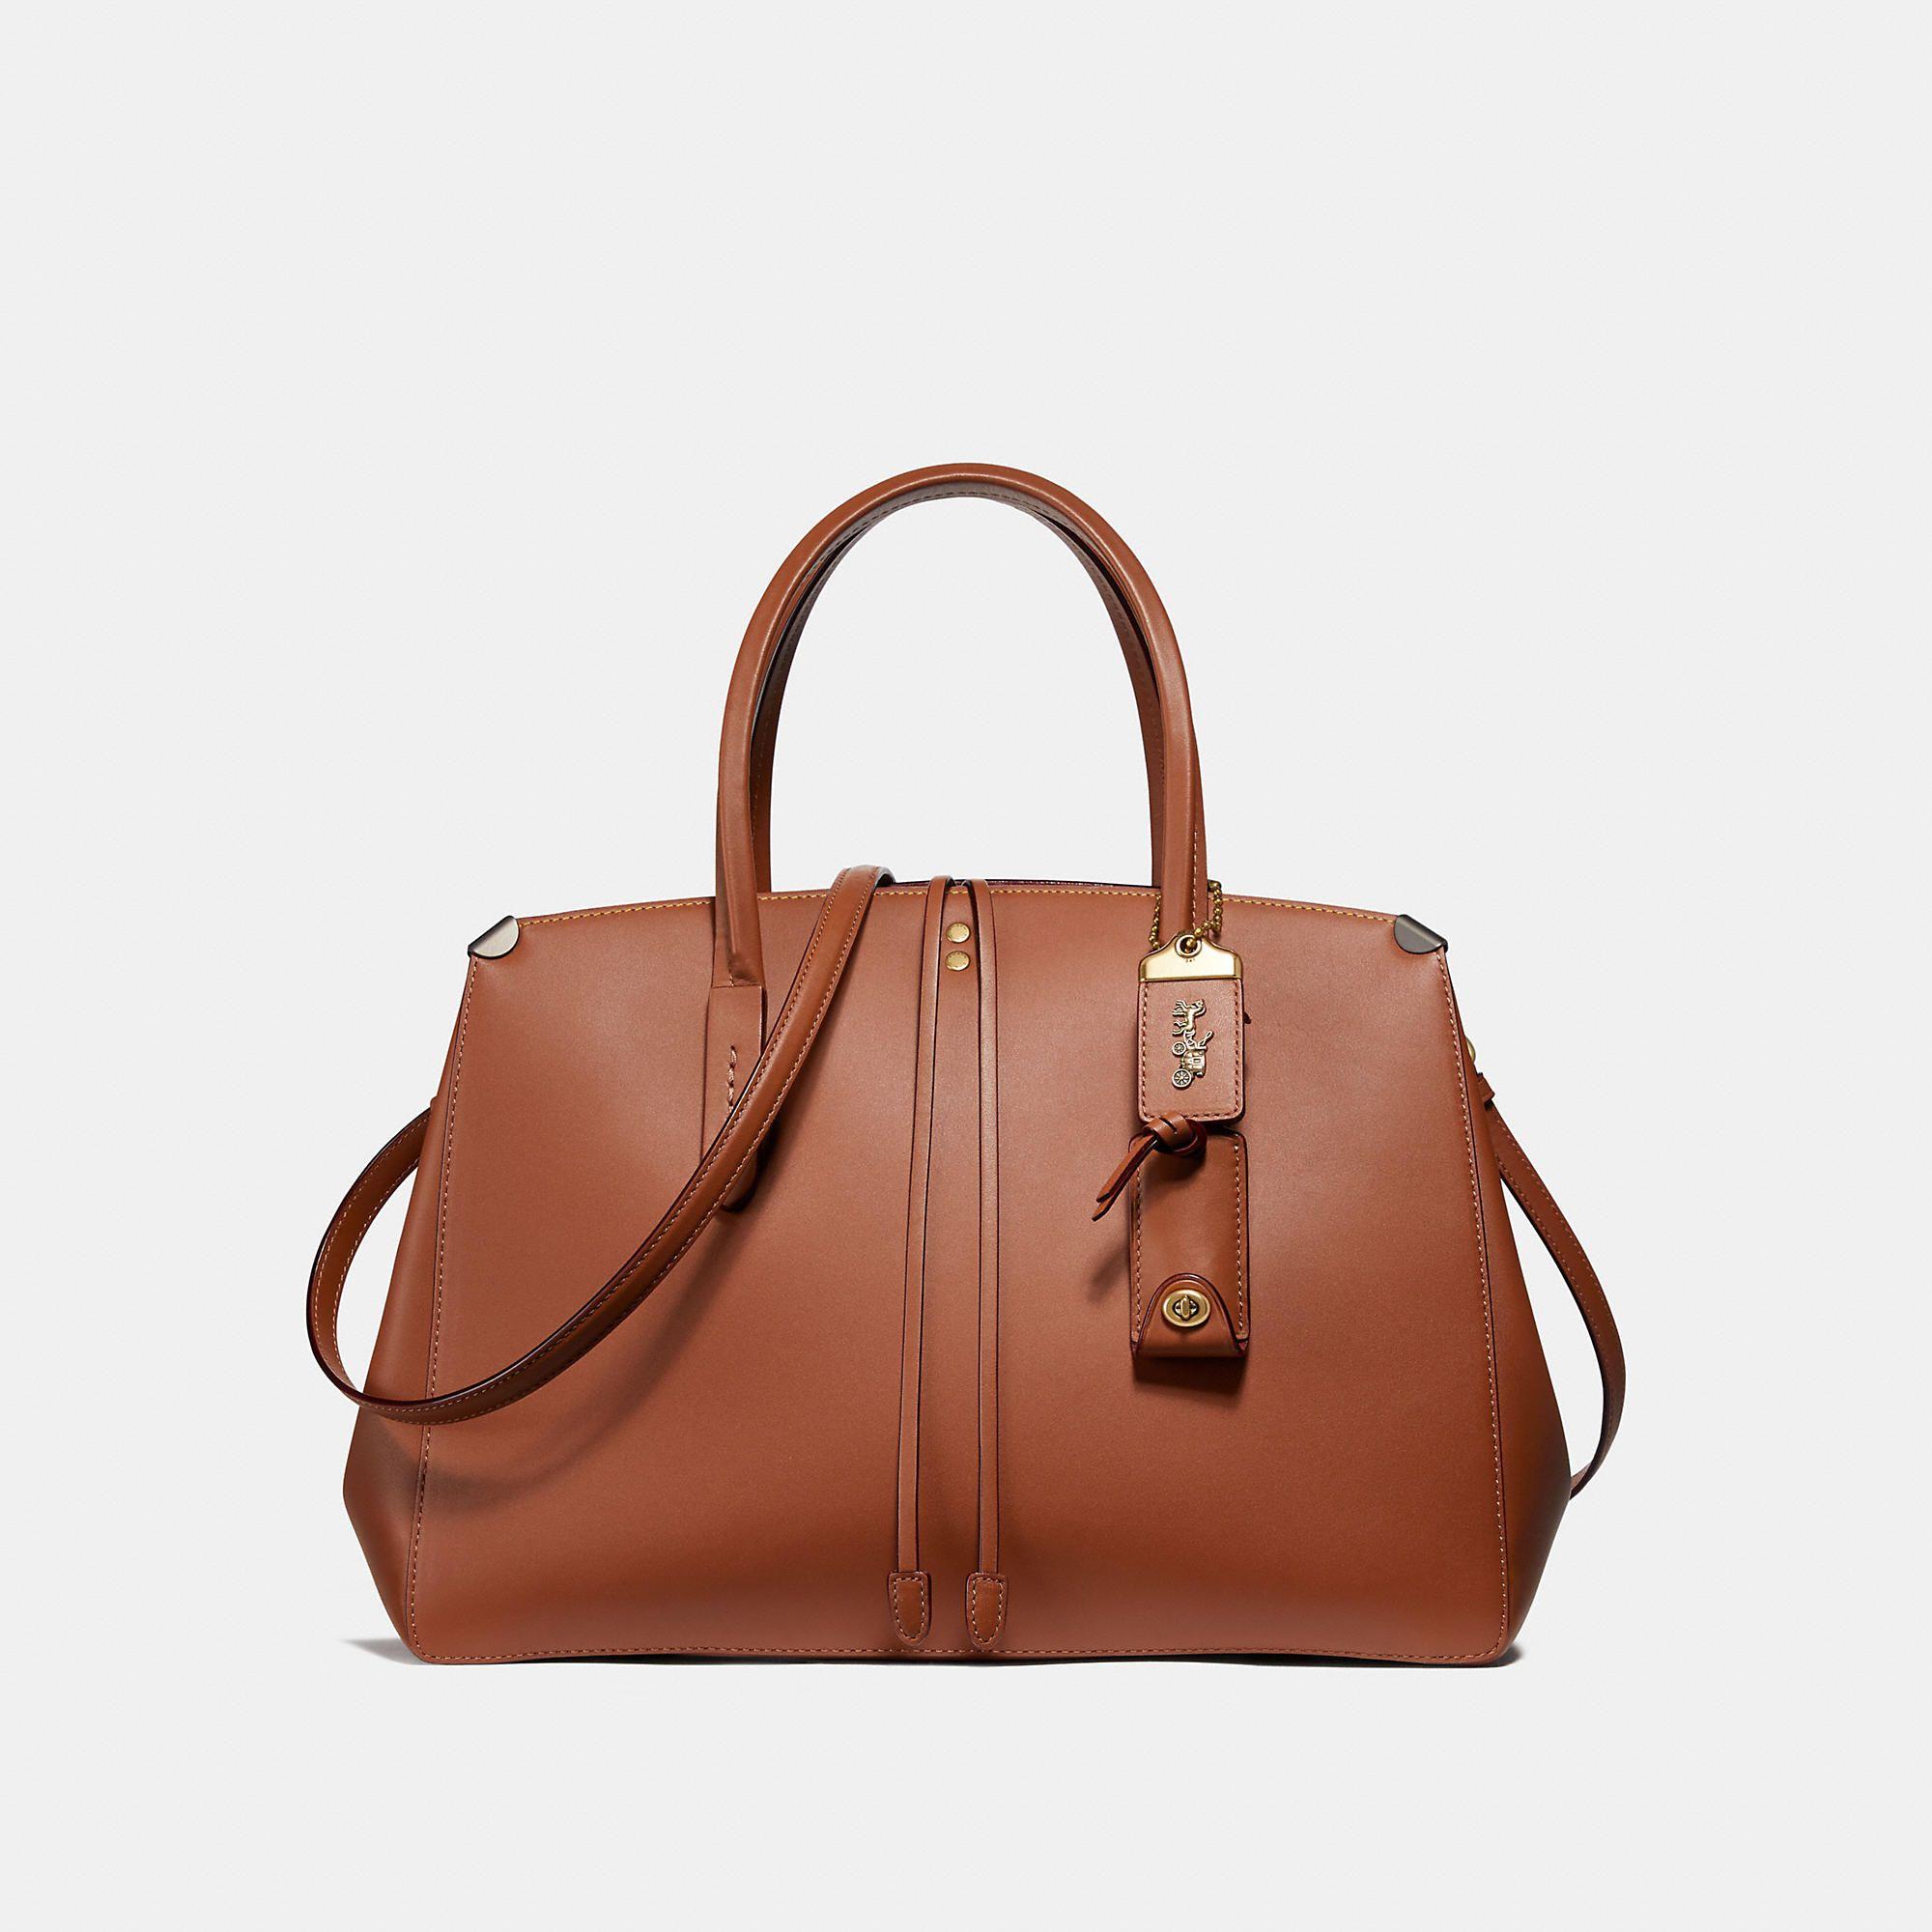 COACH Cooper Carryall - Women s Designer Handbags b26a3adcdee07